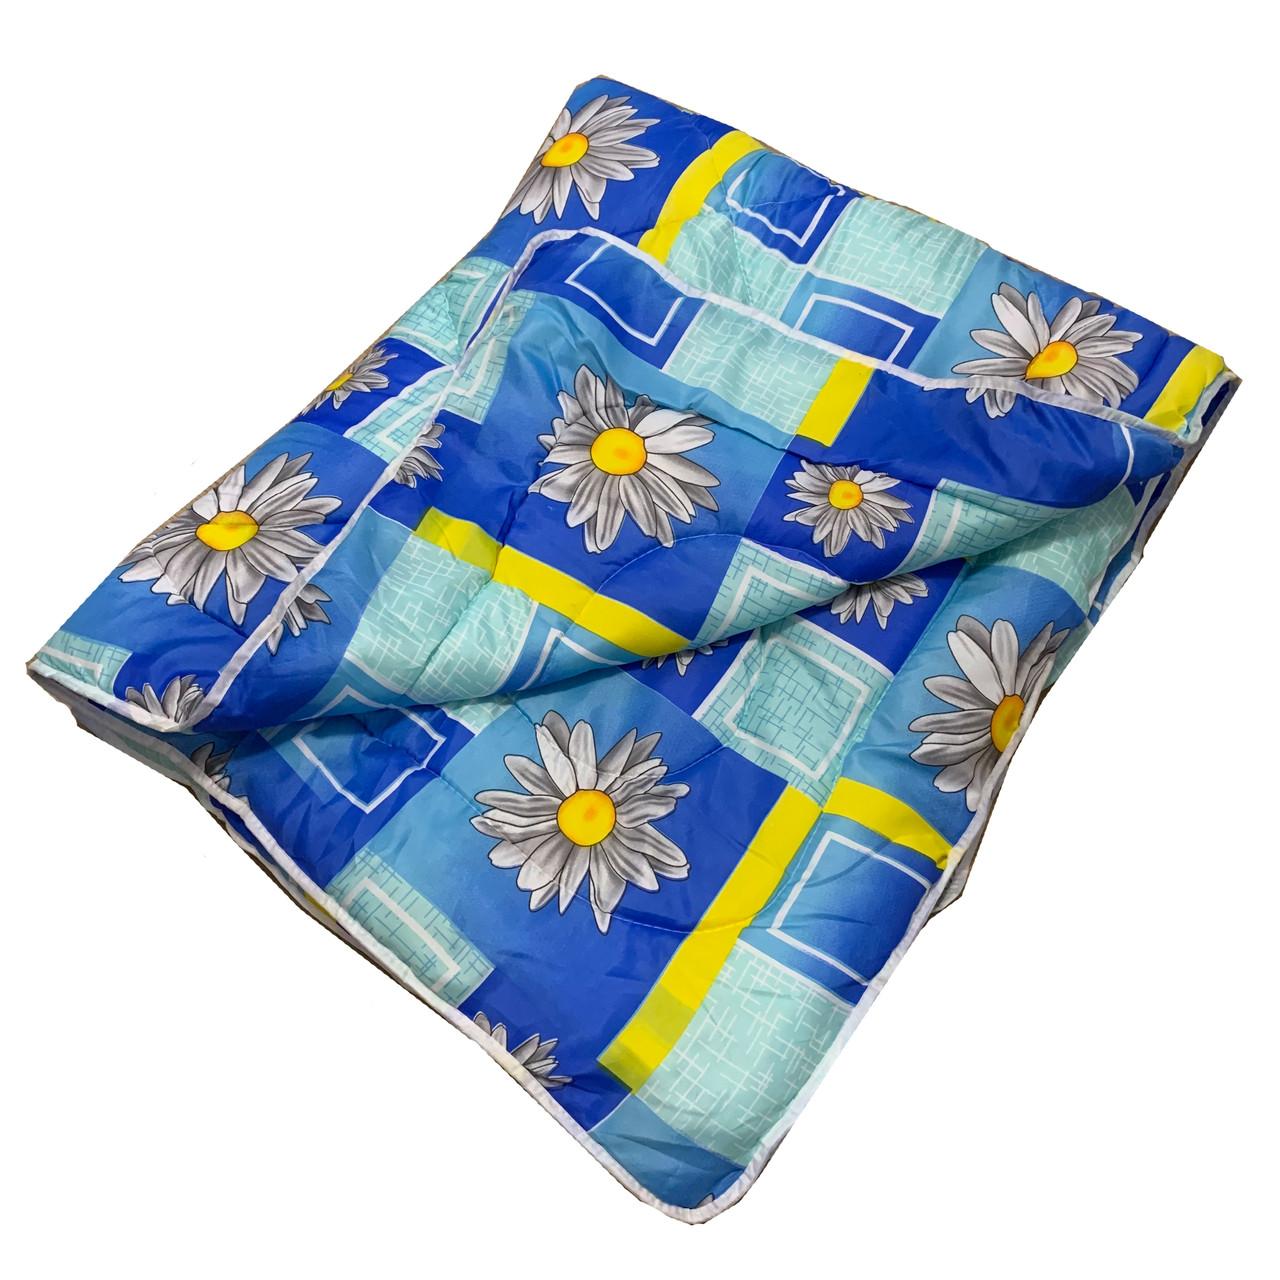 Одеяло синее полуторное, холлофайбер 150*220 см, Украина